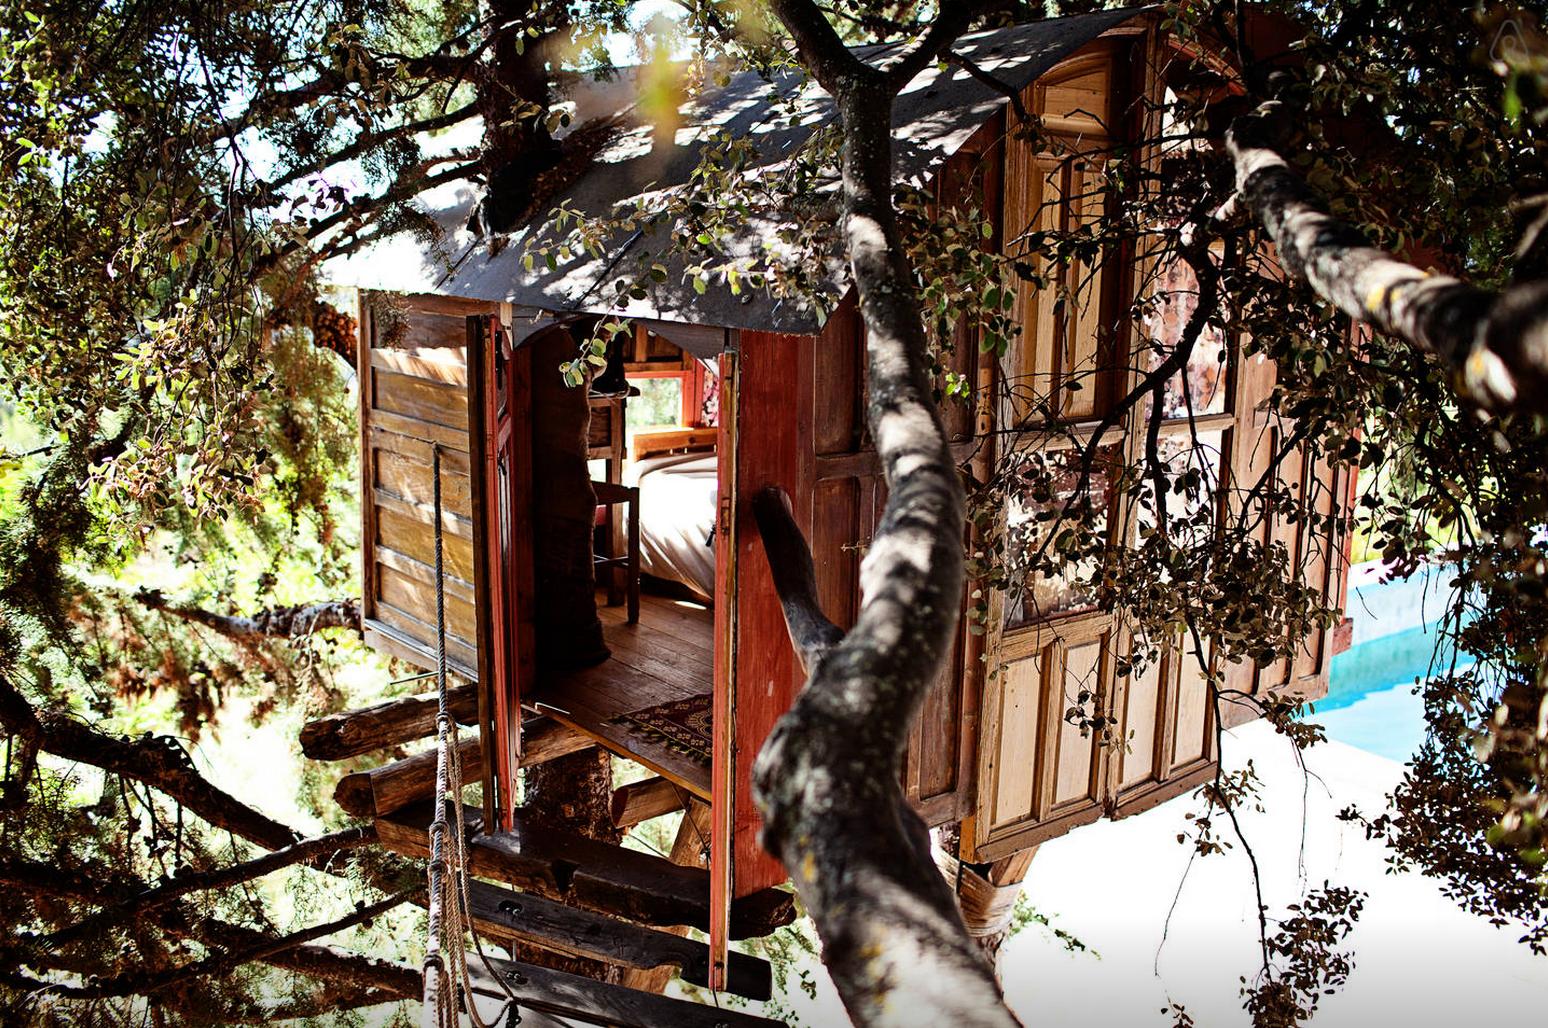 j'ai testé : voyager avec airbnb pour des vacances moins chères